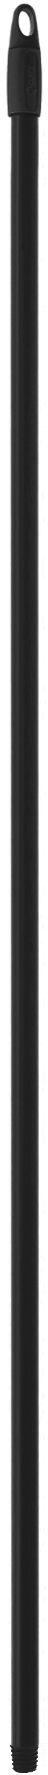 Ручка для швабры Apex, 150 см. 14000-A root apex